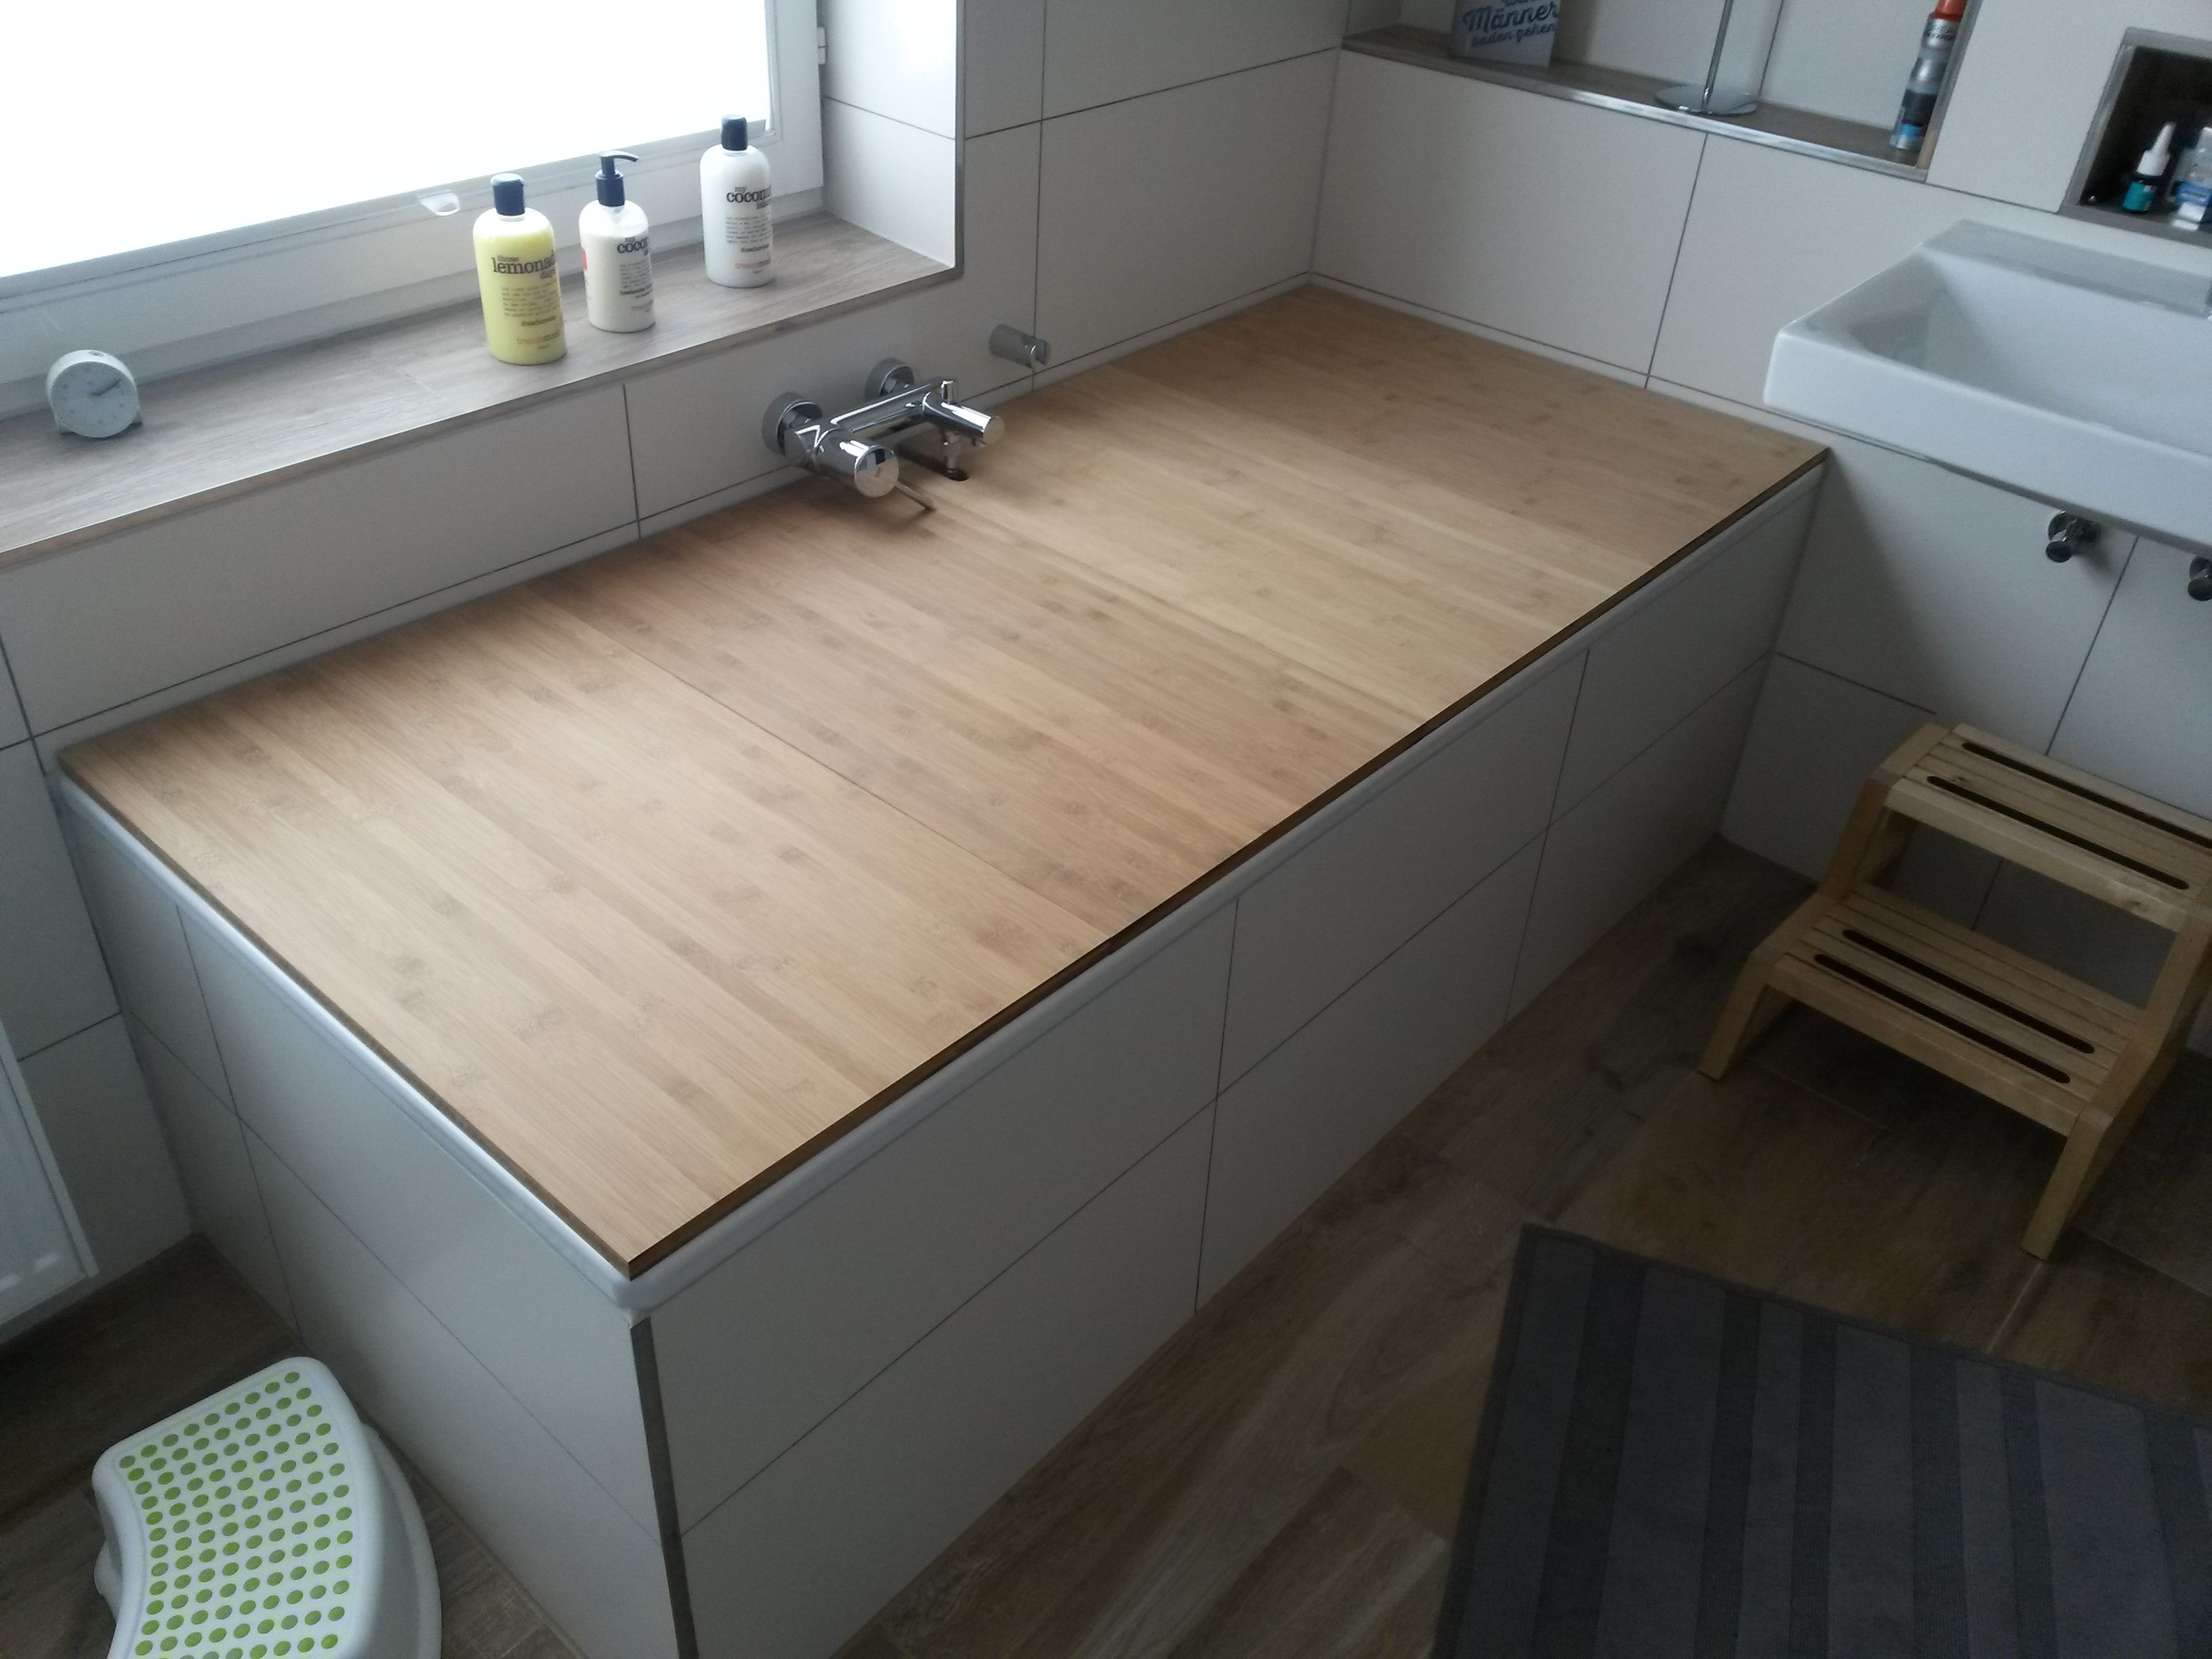 badewannen abdeckung bauanleitung zum selber bauen gw pinterest badewanne baden und wanne. Black Bedroom Furniture Sets. Home Design Ideas